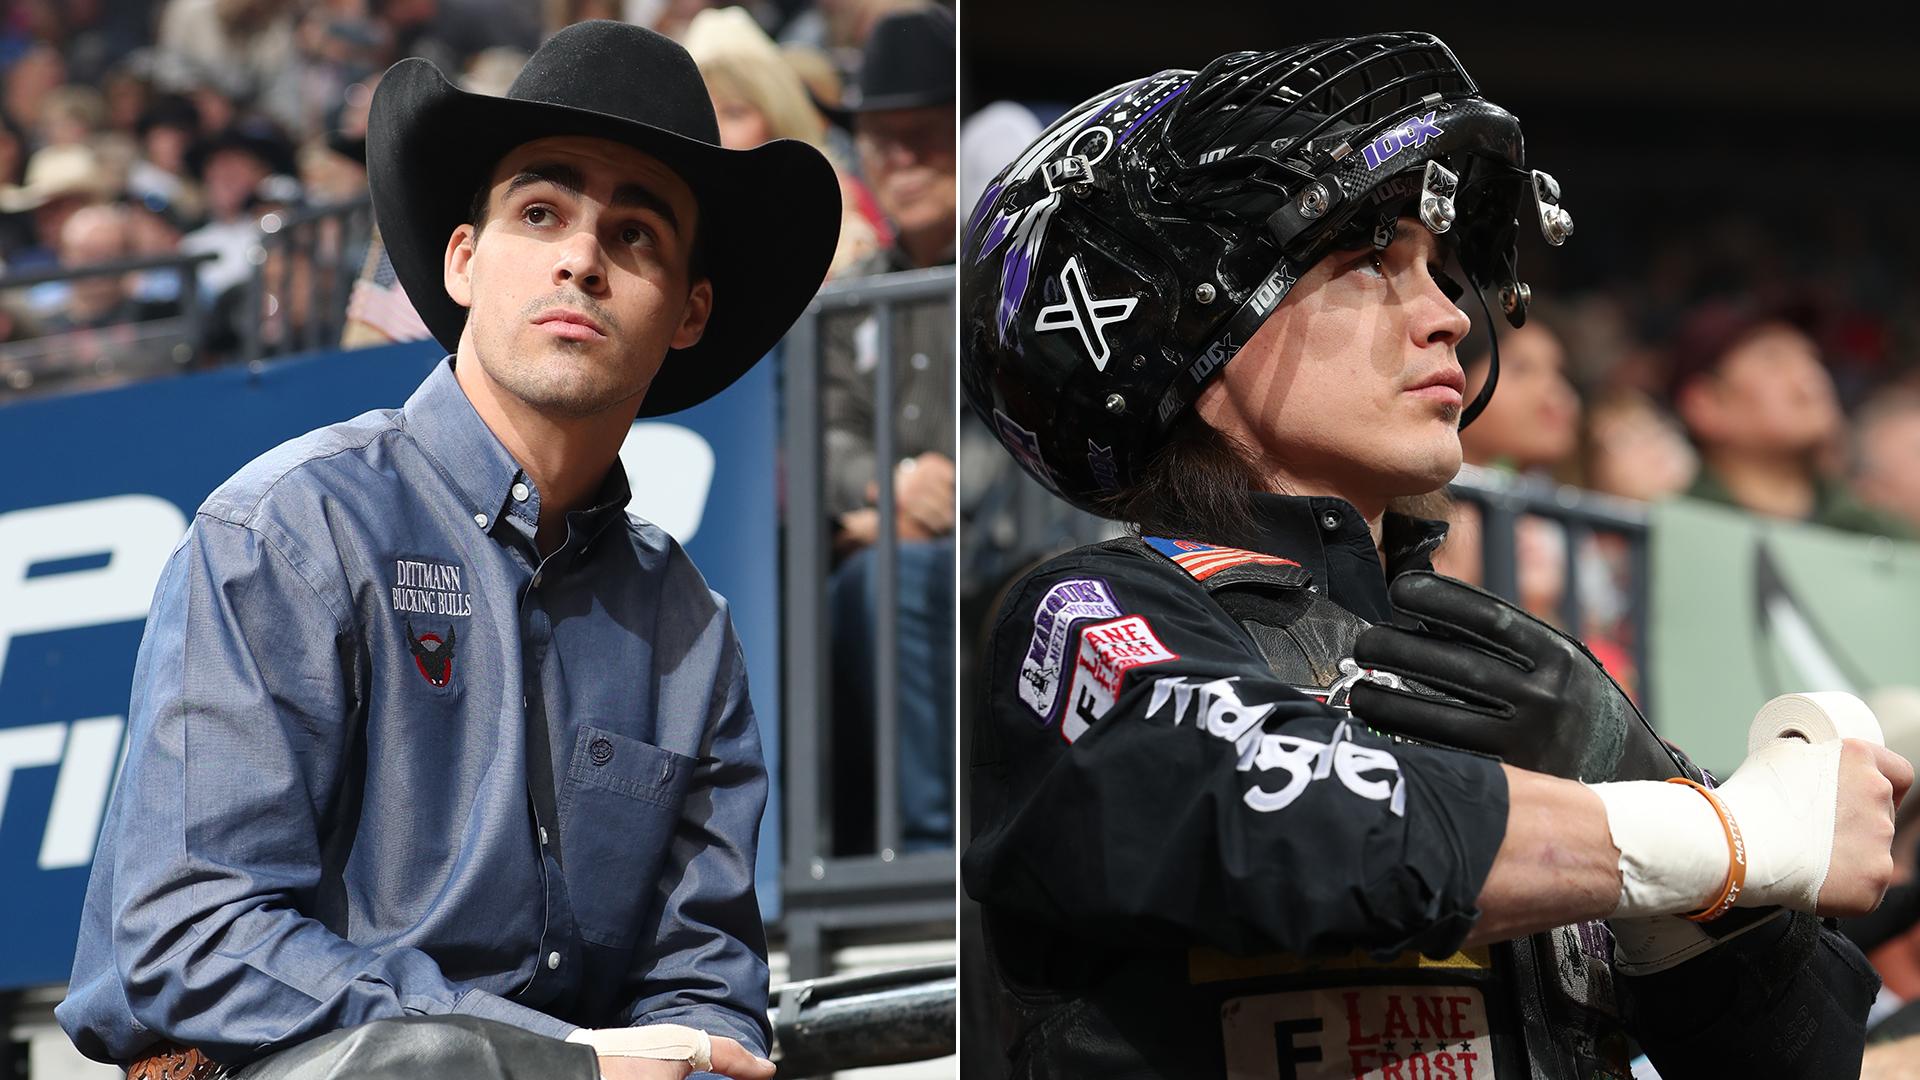 Sacramento draw: Good news for Burtenshaw and Lawrence